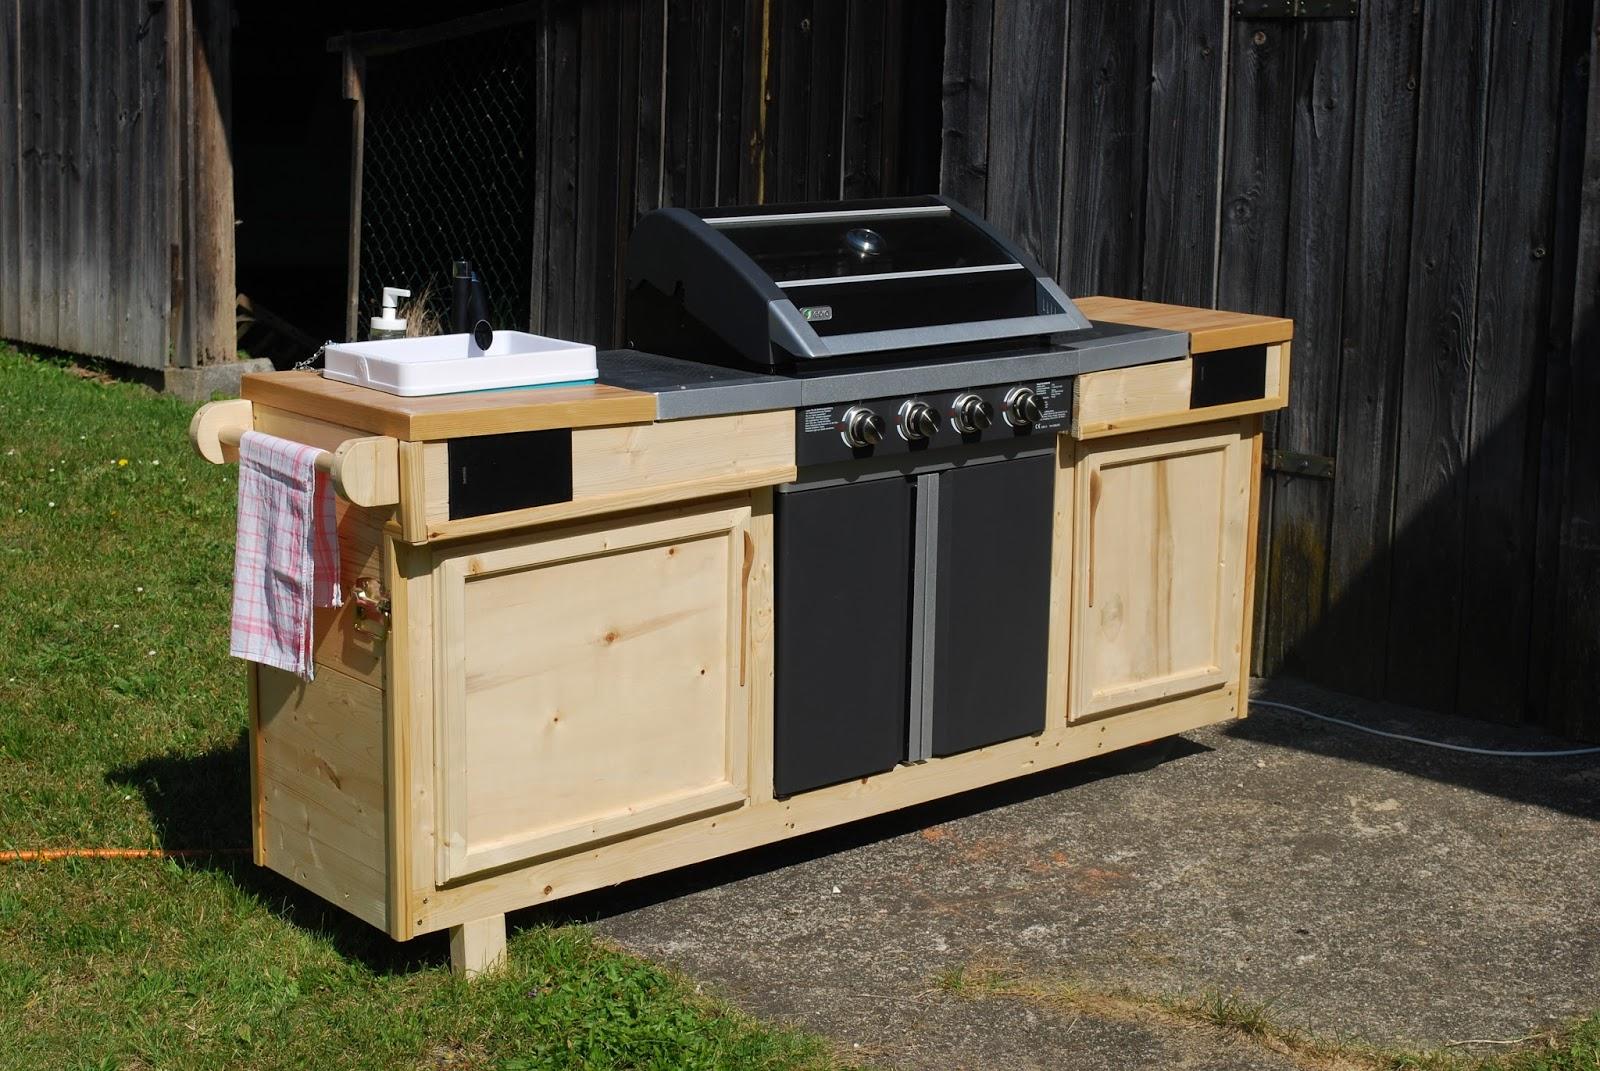 Outdoor Küchen Holz : Meine arbeiten rund um s holz das grillomobil oder wie baue ich